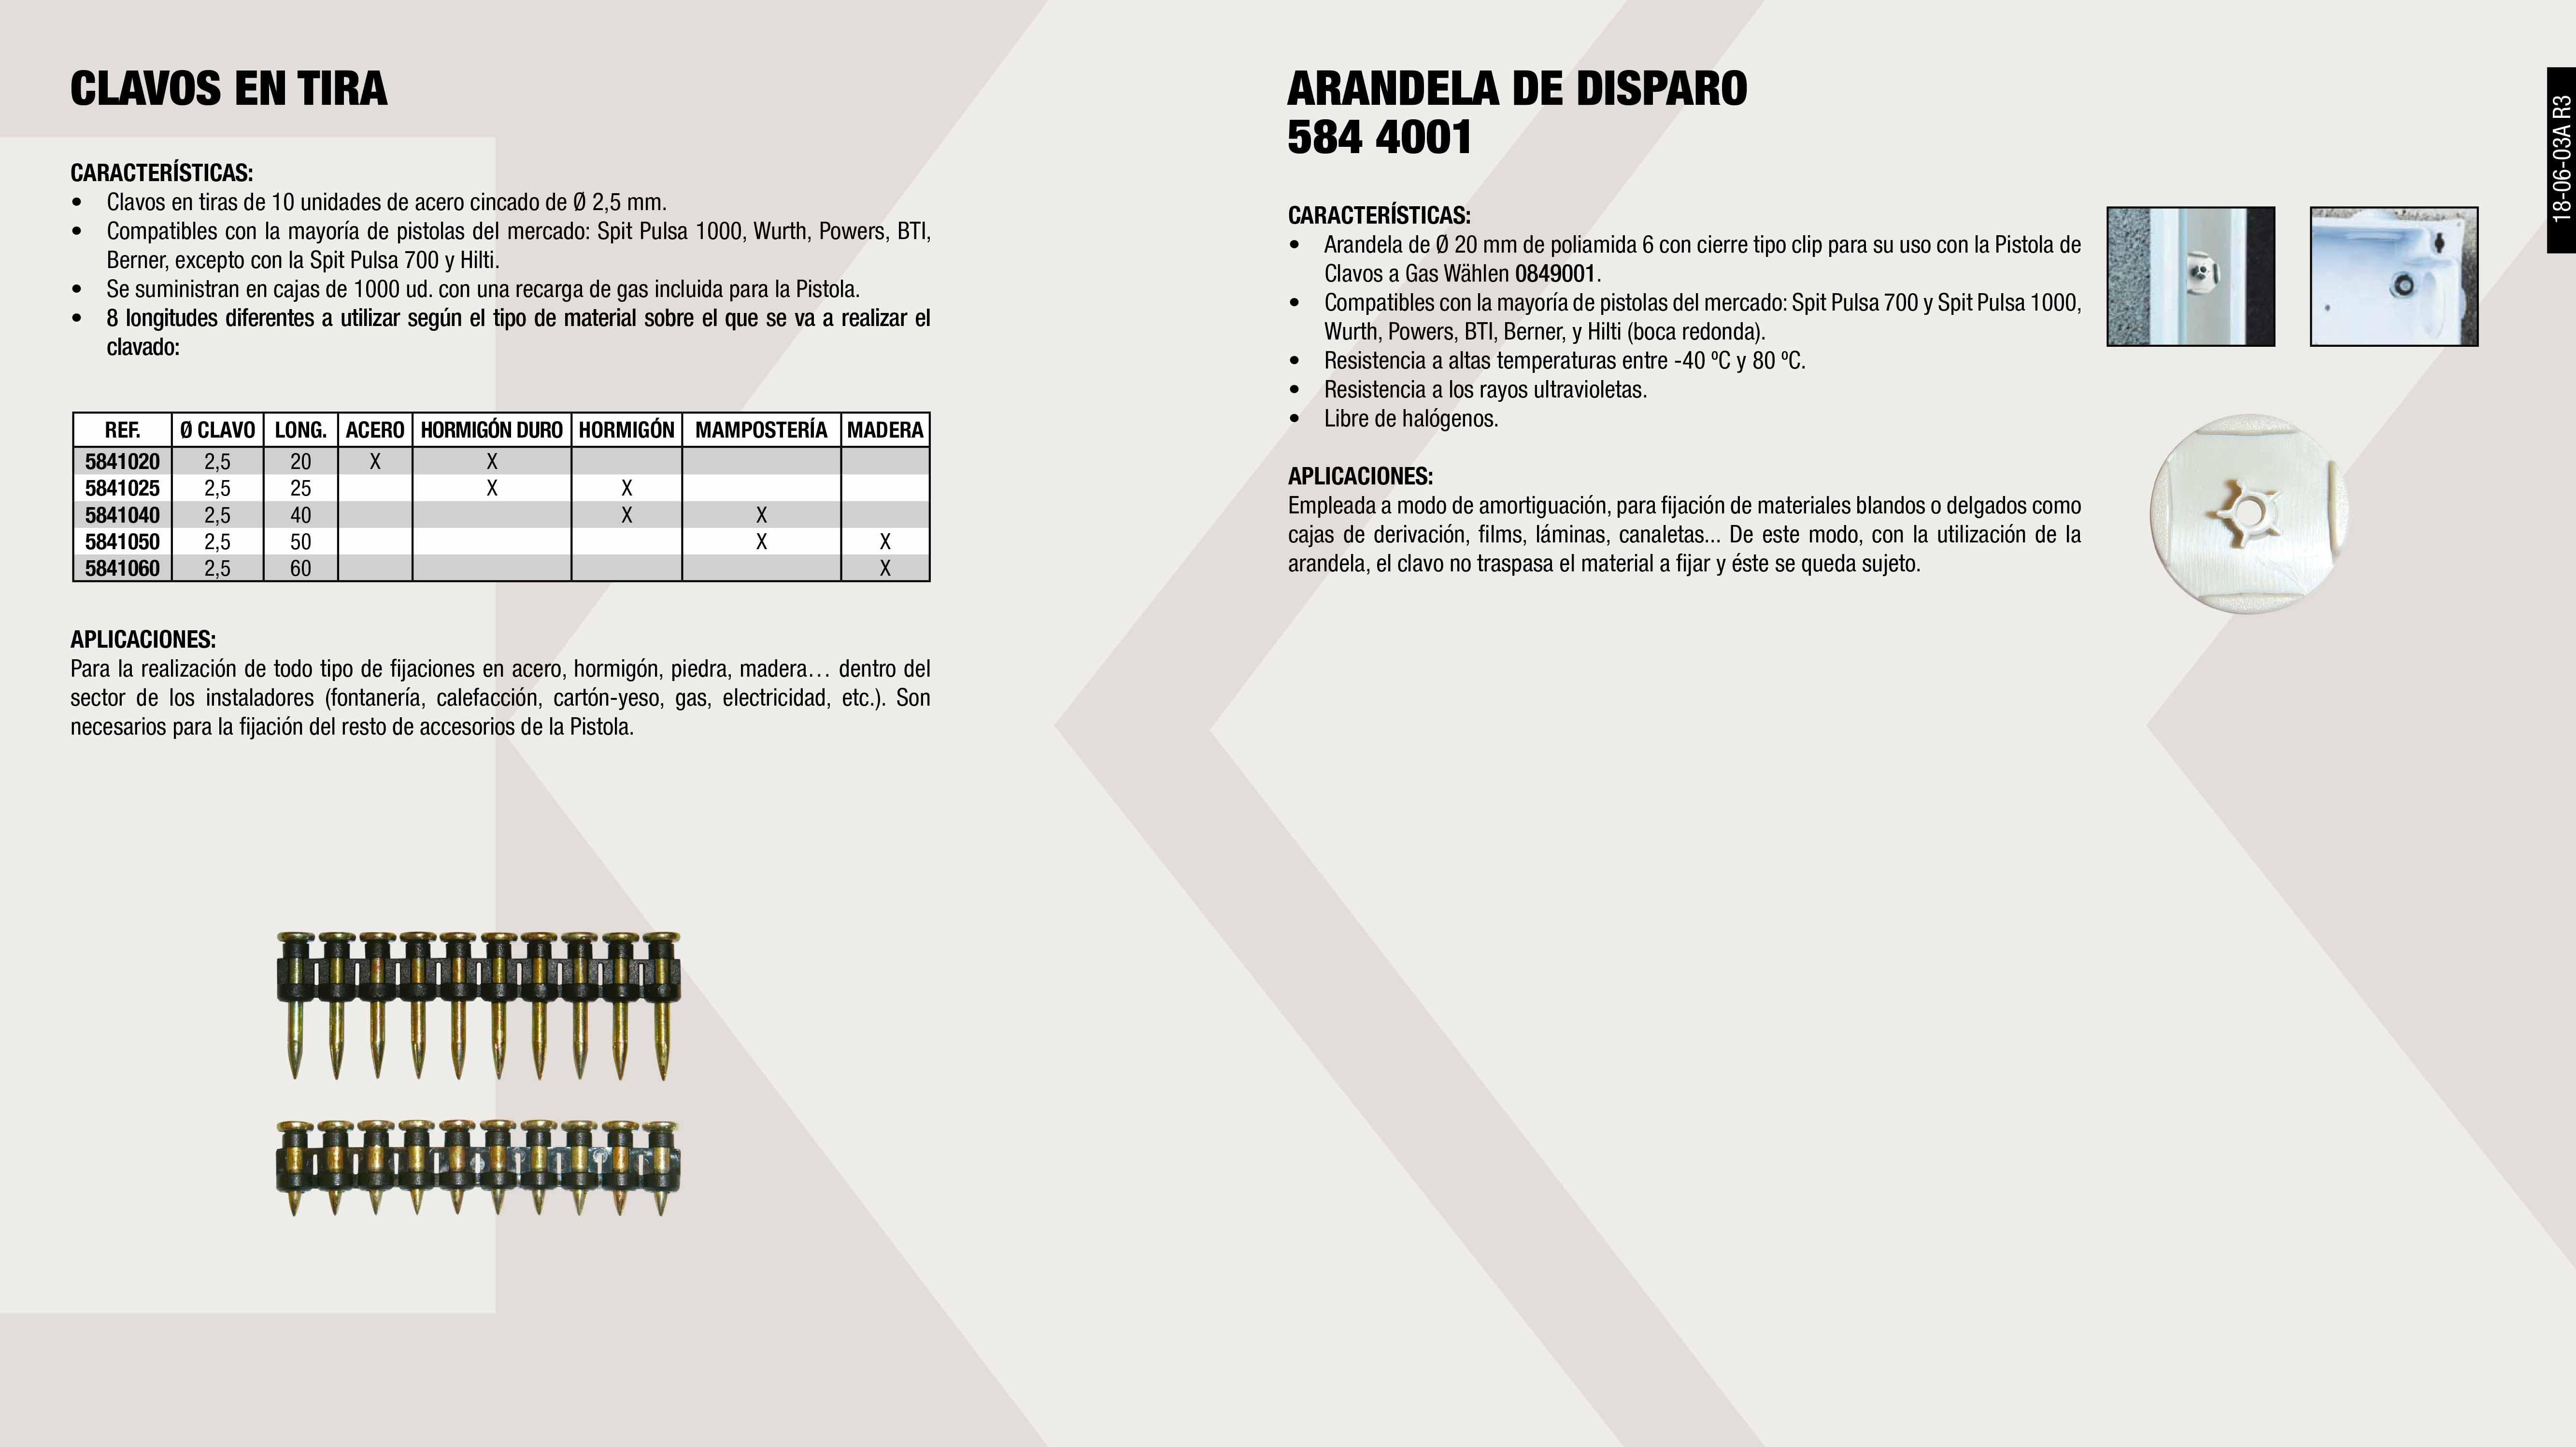 CAJA 1000 CLAVOS 20MM+RECARGA (0849001)                     ,  CAJA 1000 CLAVOS 30MM+RECARGA (0849001)                     ,  CAJA 1000 CLAVOS 40MM+RECARGA (0849001)                     ,  CAJA 1000 CLAVOS 25MM+RECARGA (0849001)                     ,  CAJA 1000 CLAVOS 50MM+RECARGA (0849001)                     ,  ARANDELA GRIS (0849001)                                     ,  CAJA 1000 CLAVOS 60MM+RECARGA (0849001)                     ,